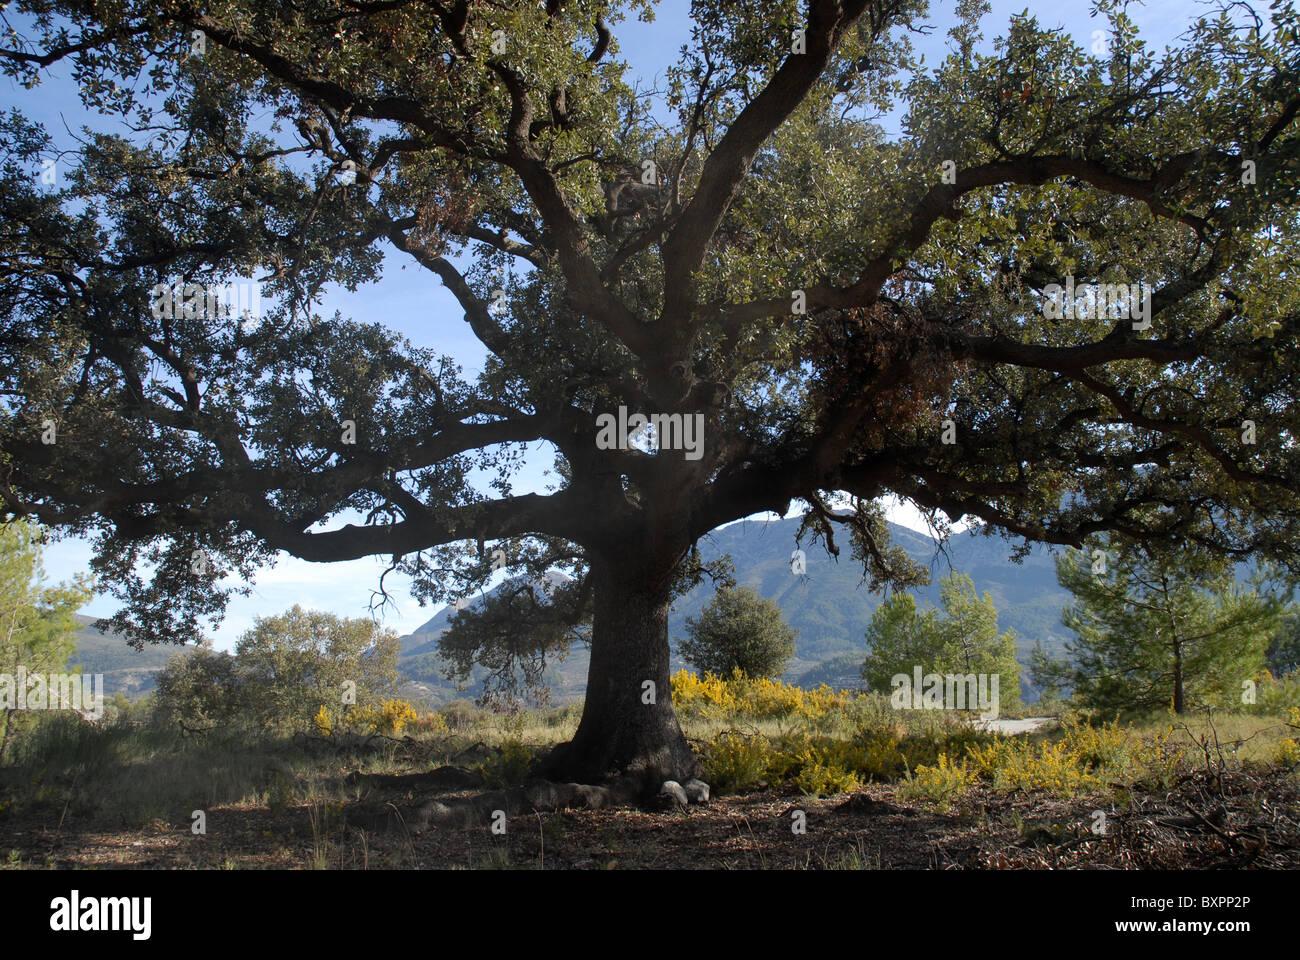 Quercus ilex il leccio o Holly Oak, nr Balones, Vall de Seta, Provincia di Alicante, Comunidad Valenciana, Spagna Immagini Stock